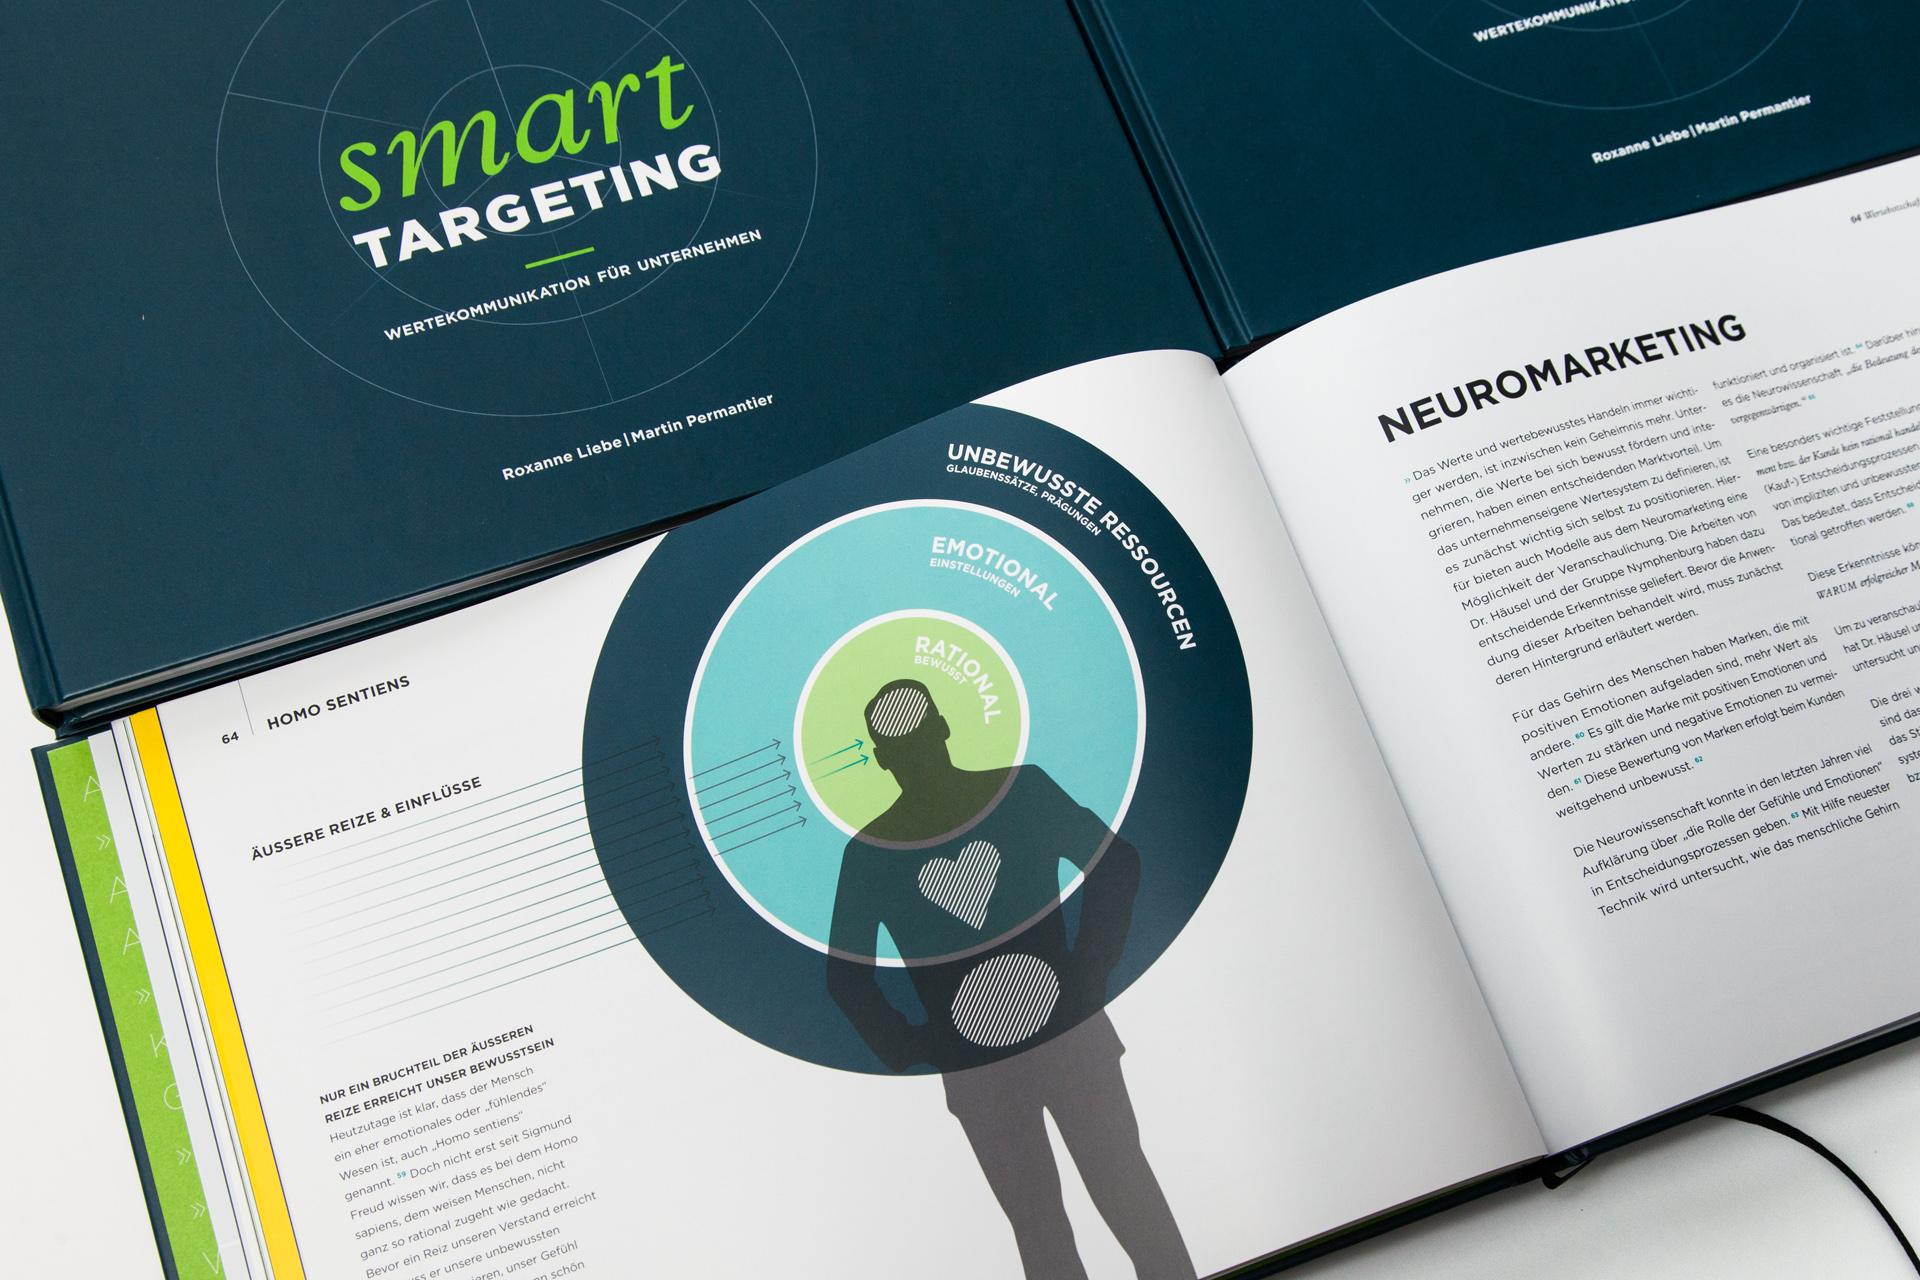 smart-targeting0005